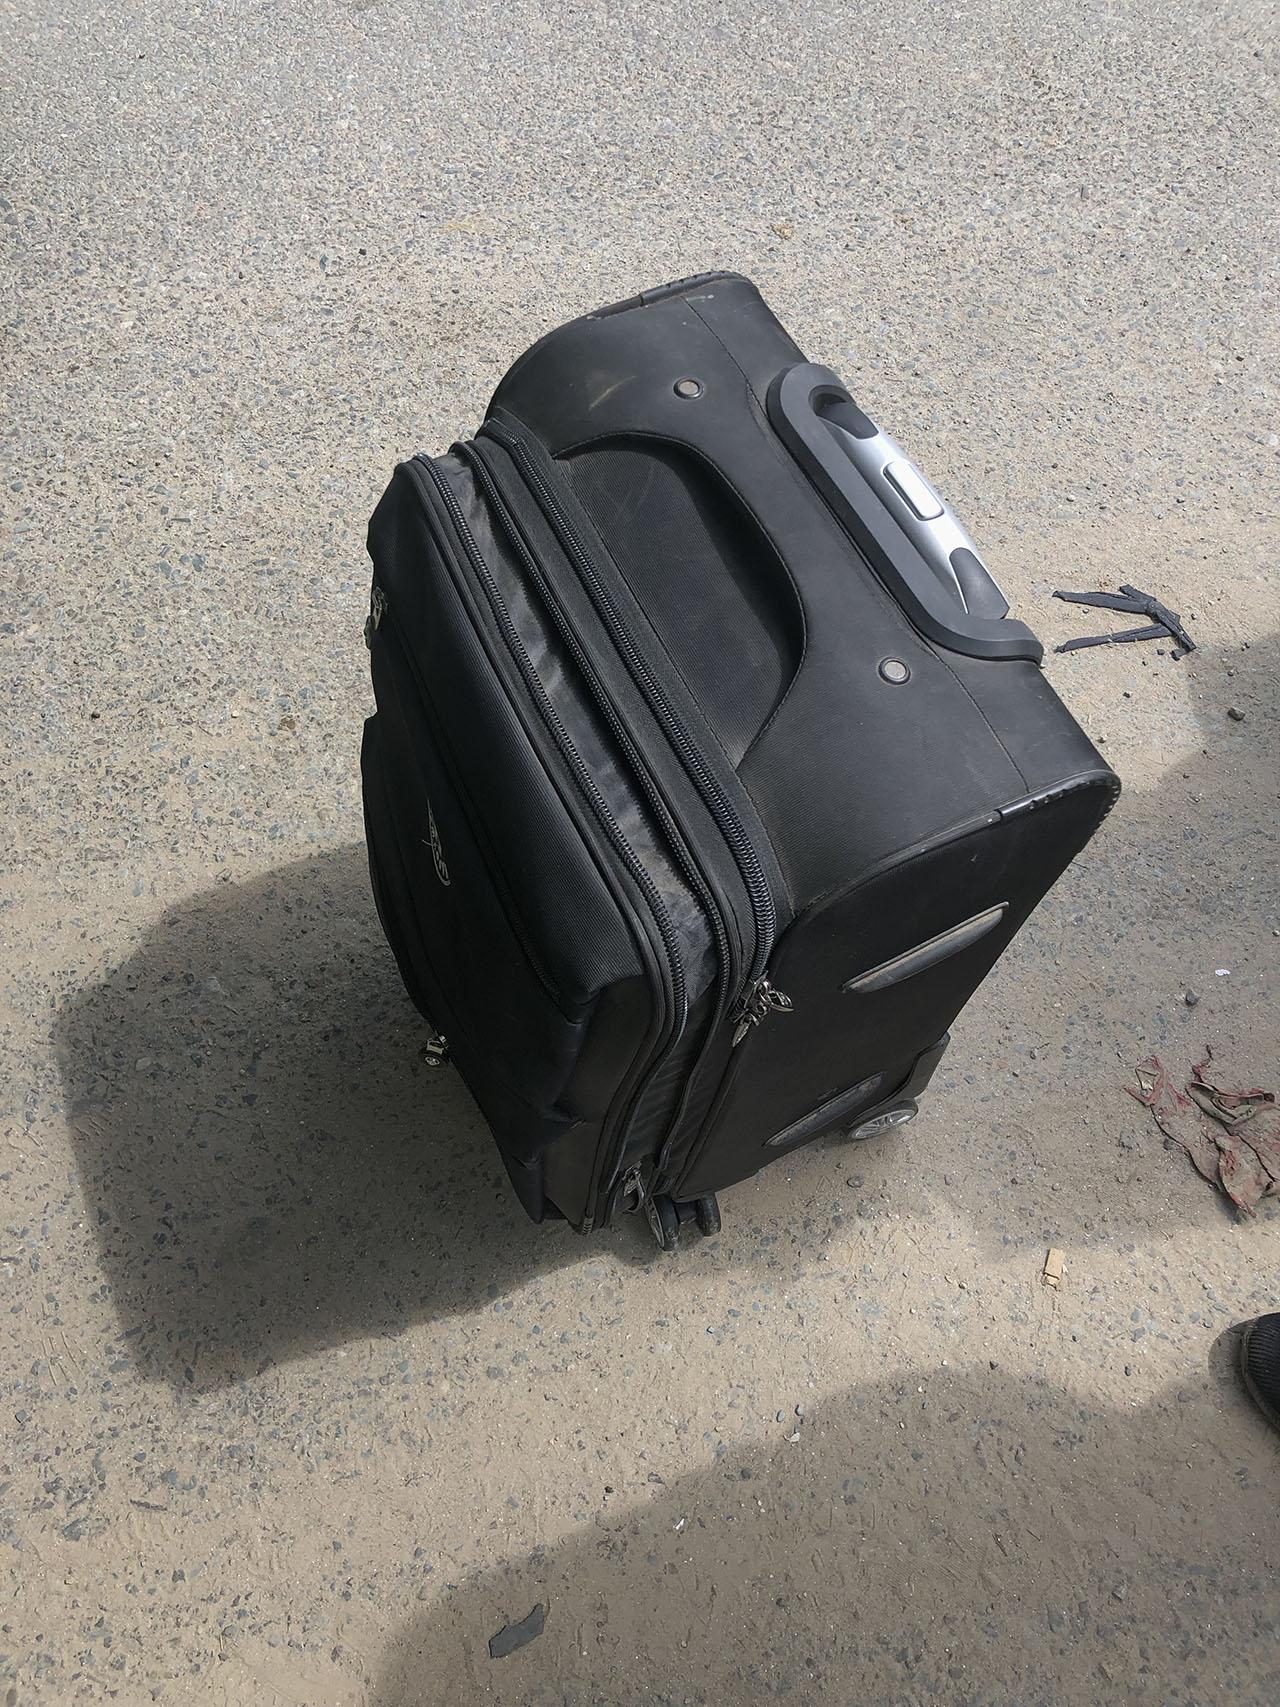 感恩帮助过我的陌生人—尼泊尔自由行第9天——奇特旺—加德满都 途中丢失行李箱 护照 现金